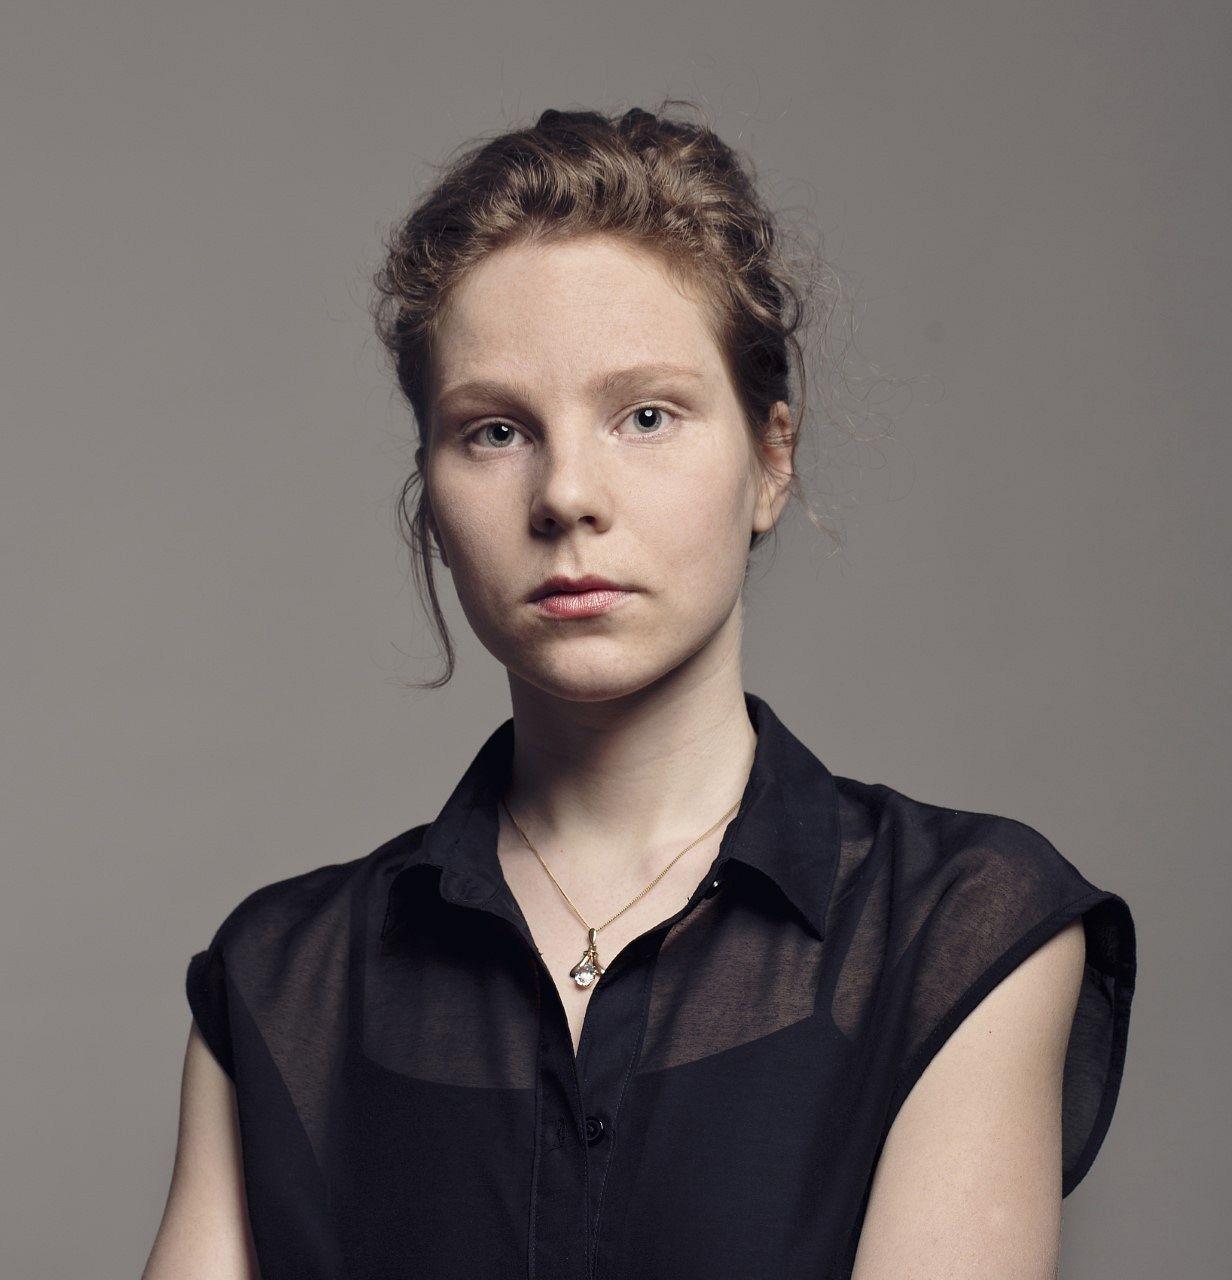 Kirjoittaja Mia Kristina Pajunen elää arkeaan koronan sulkemassa Roomassa.